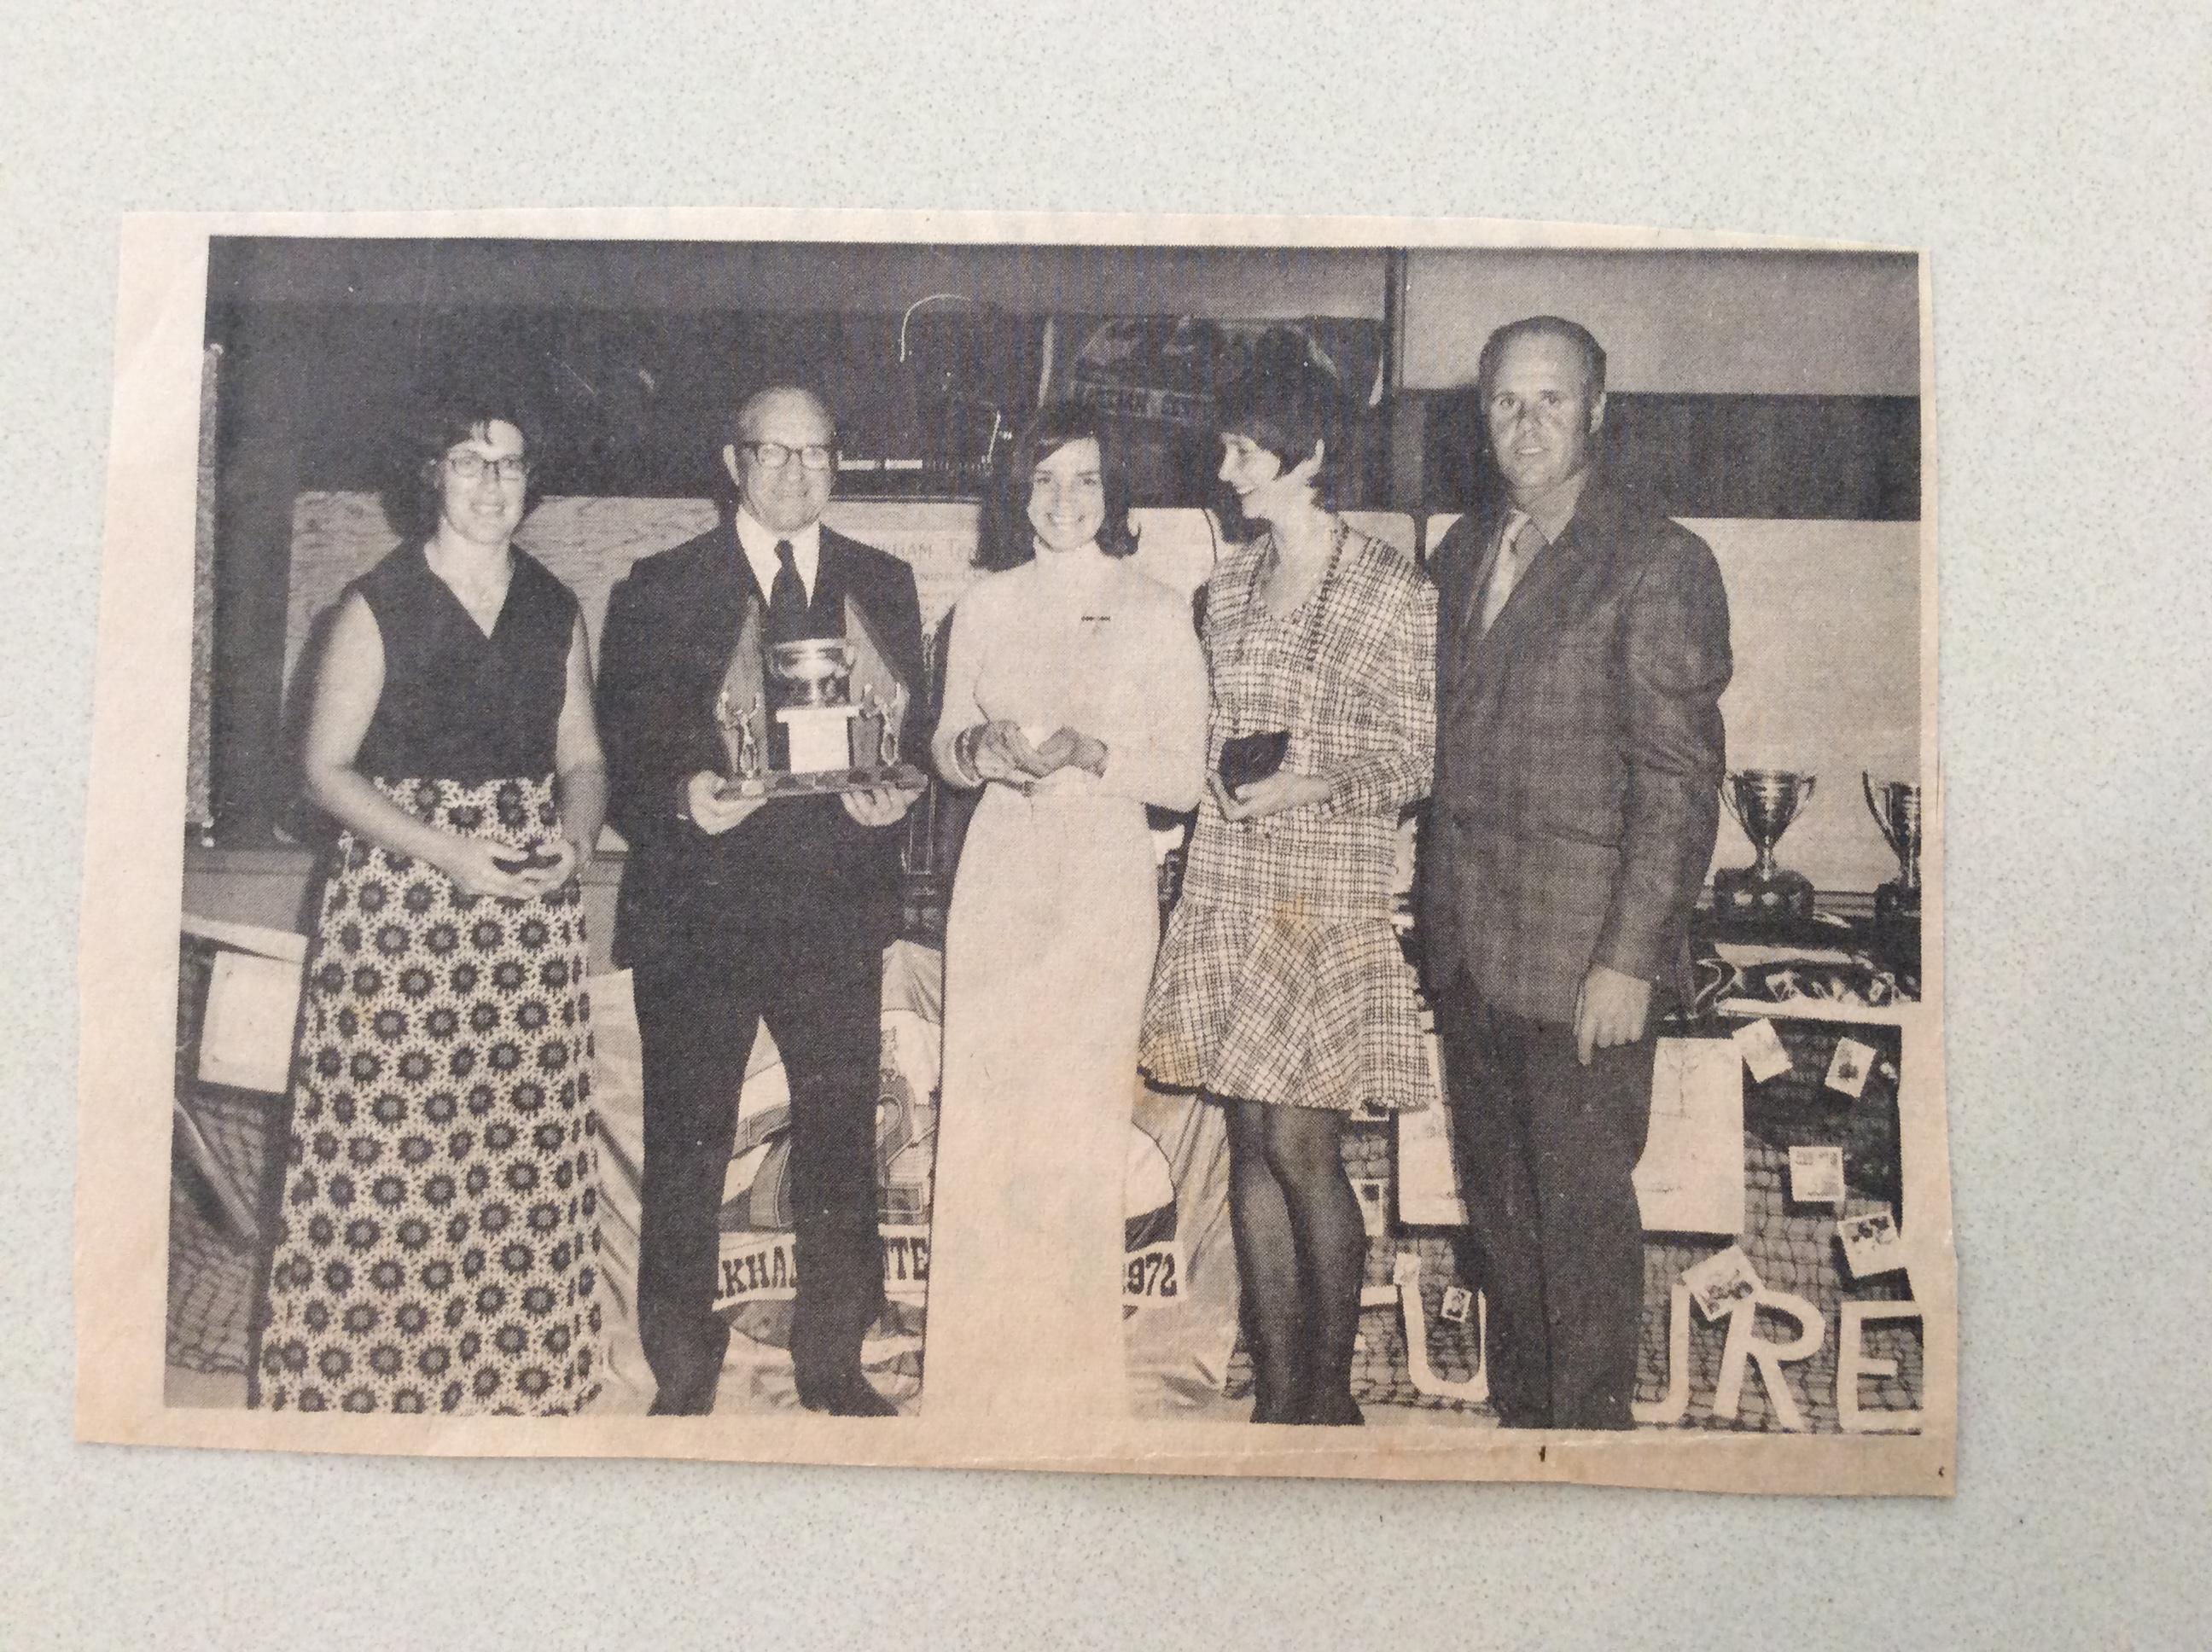 1972 L-R Irene Schneider, Mr. Fleischer, Joy Tammela, Irene Emig, Sam Schneider (President)